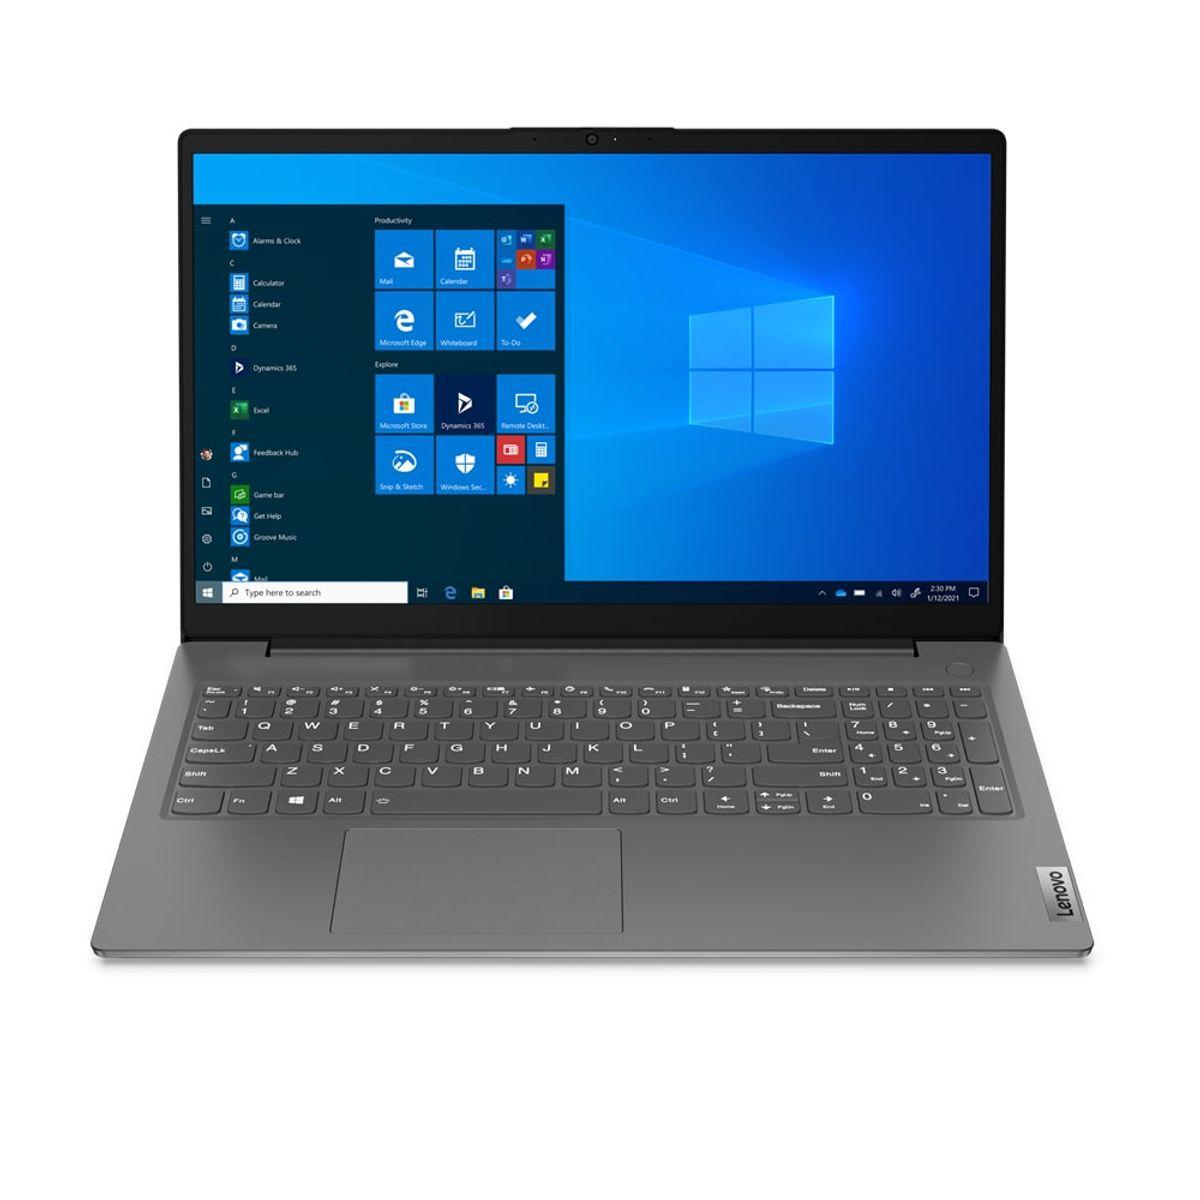 """Notebook - Lenovo 82me0000br I5-1135g7 2.40ghz 8gb 256gb Ssd Intel Iris Xe Graphics Windows 10 Professional V15 15,6"""" Polegadas"""